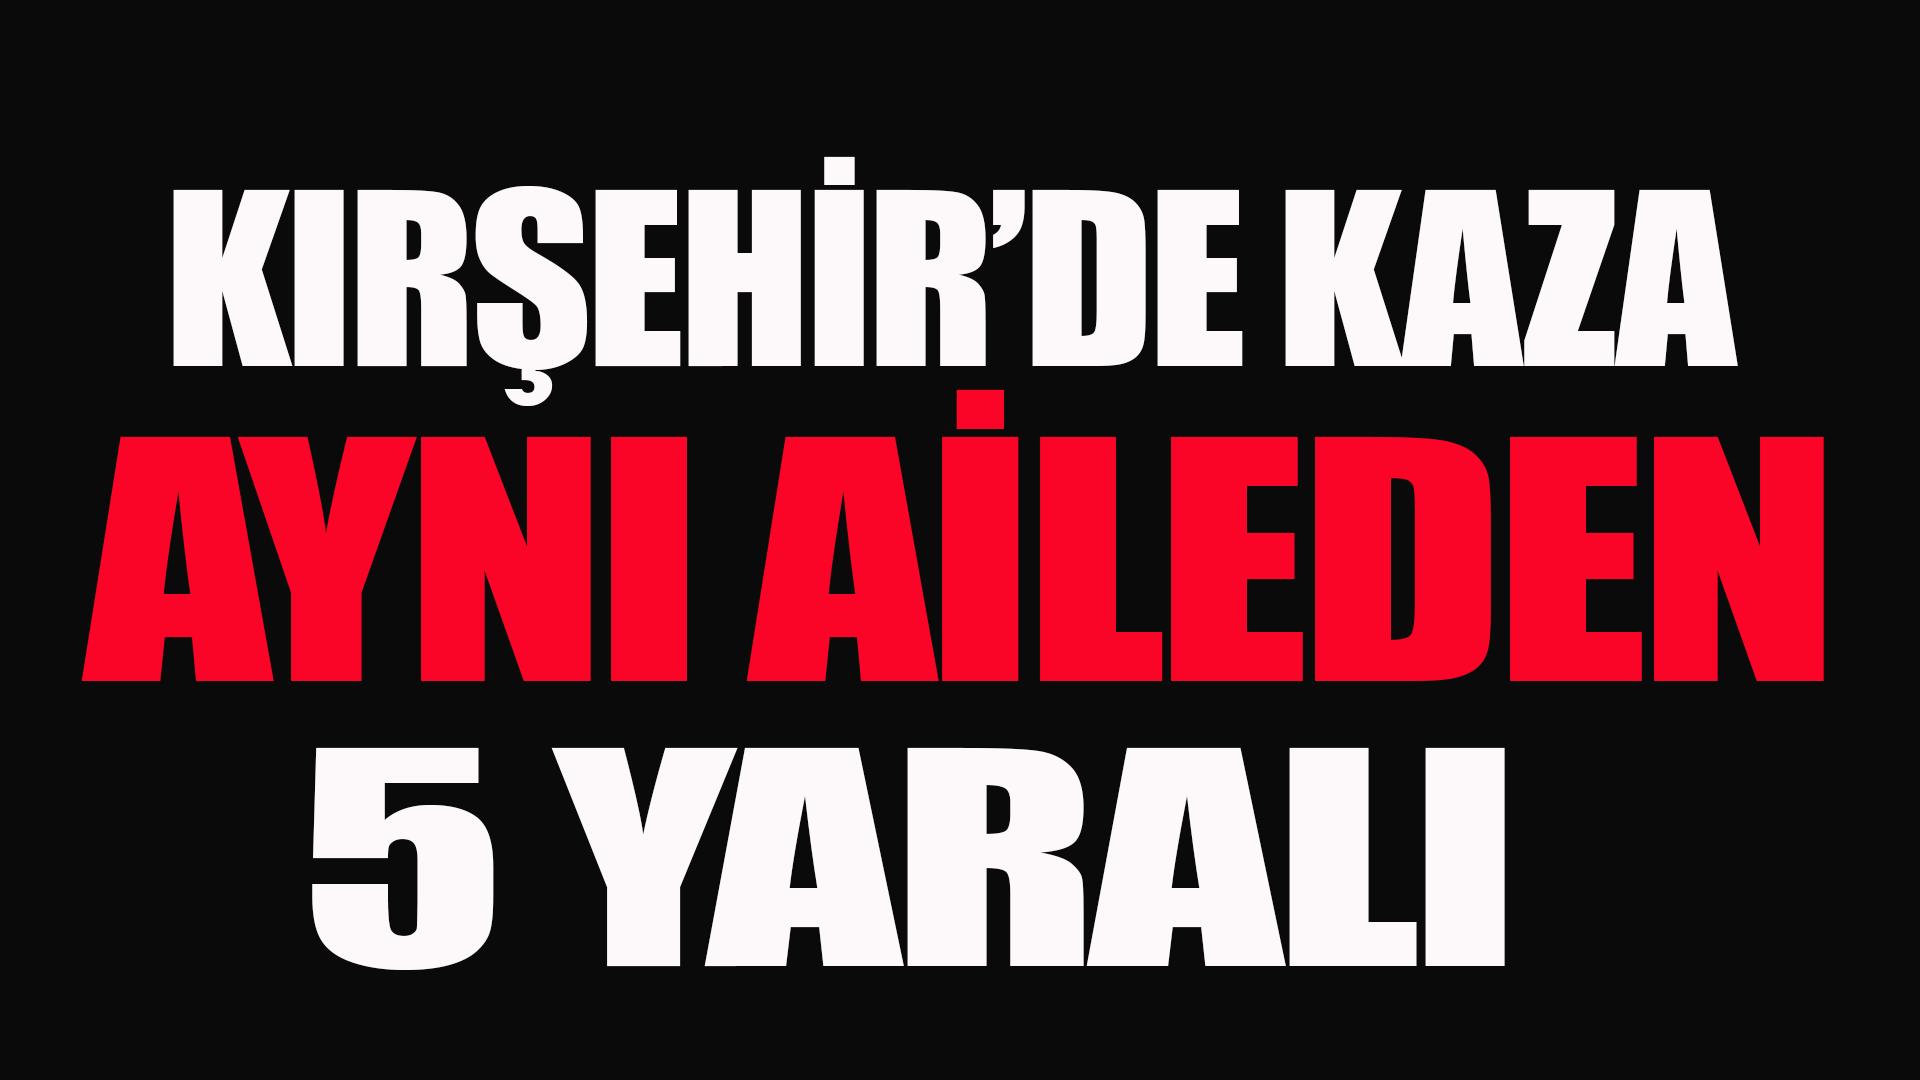 Kırşehir'de kaza 5 yaralı